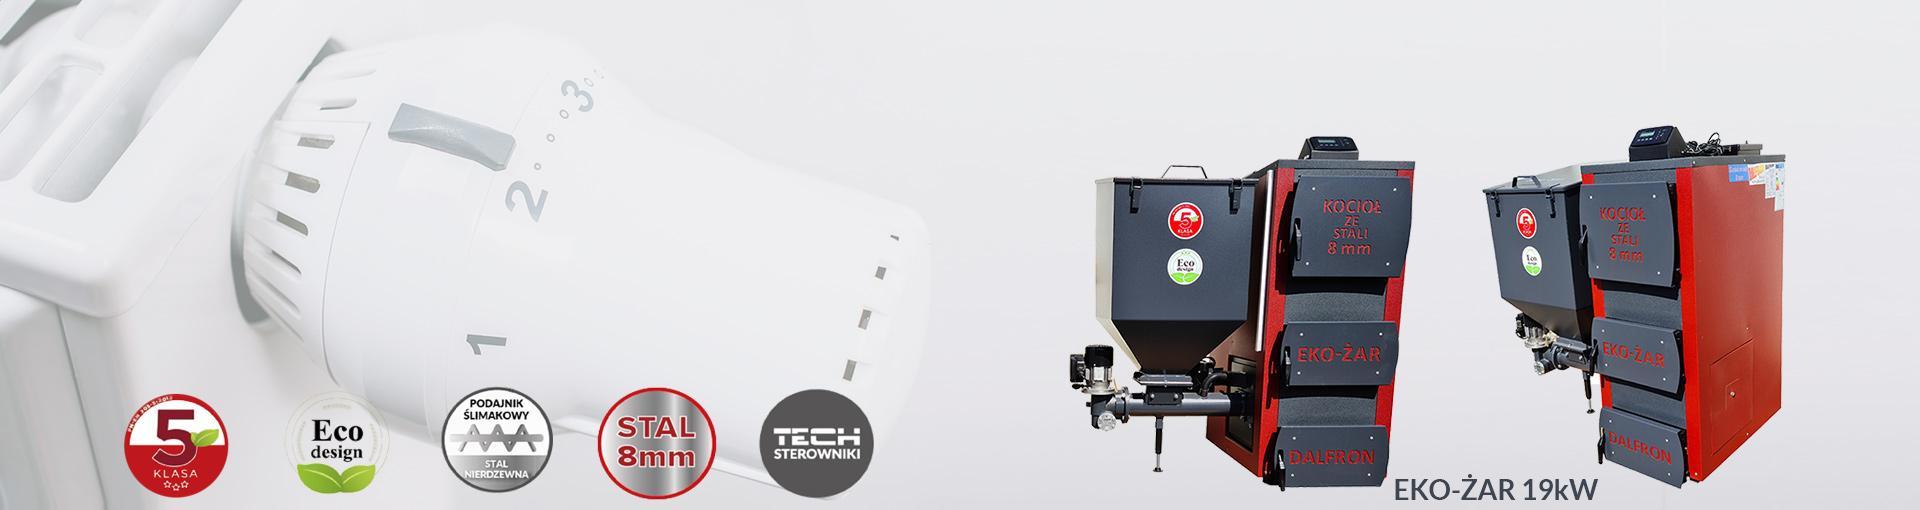 Eko-Żar 19 kW